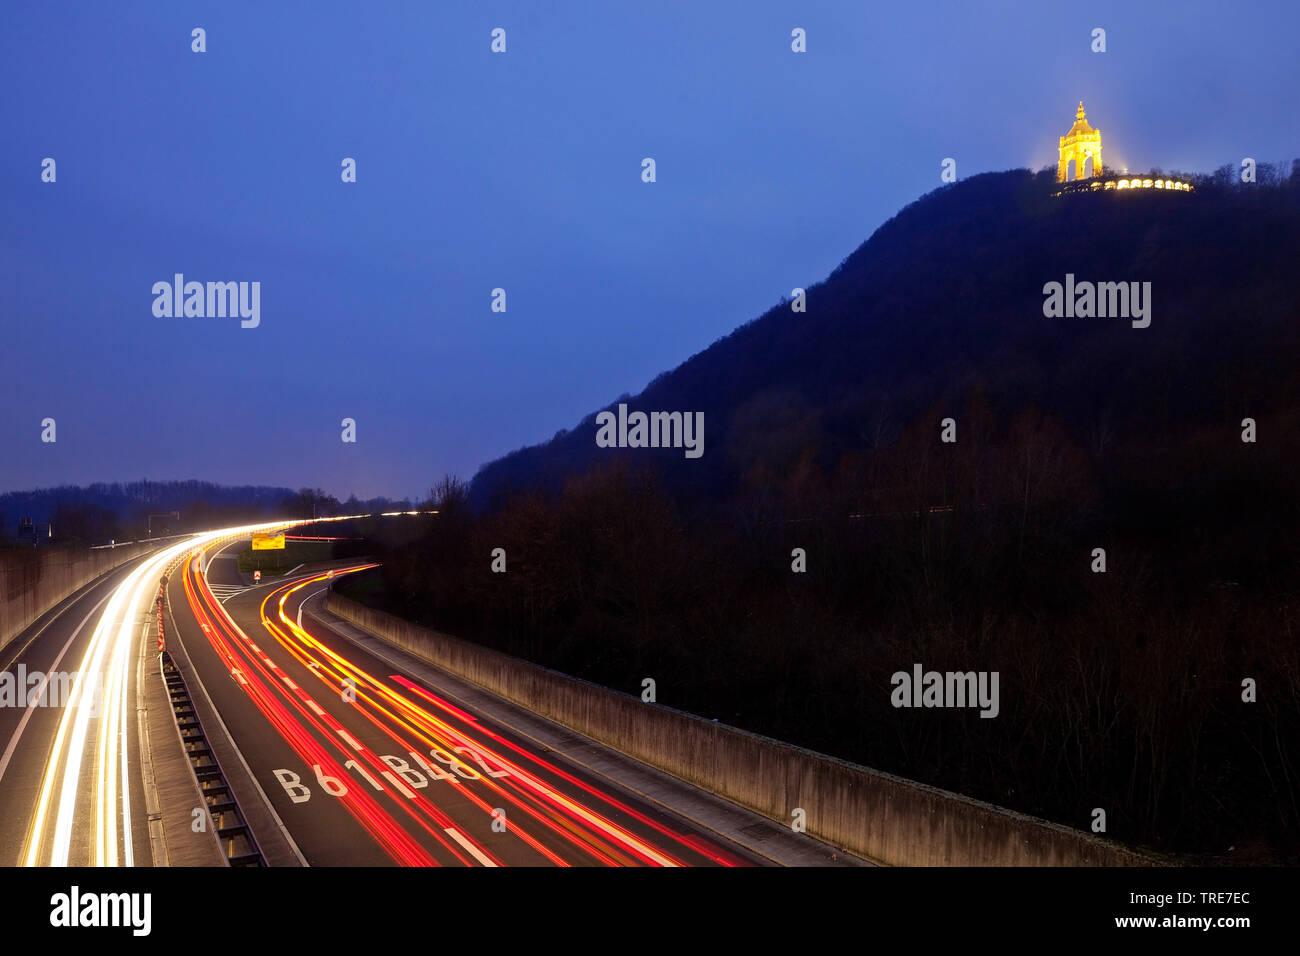 Beleuchtetes Kaiser-Wilhelm-Denkmal an der B428 und B61 am Abend, Deutschland, Nordrhein-Westfalen, Ostwestfalen, Porta Westfalica | illuminated Emper - Stock Image